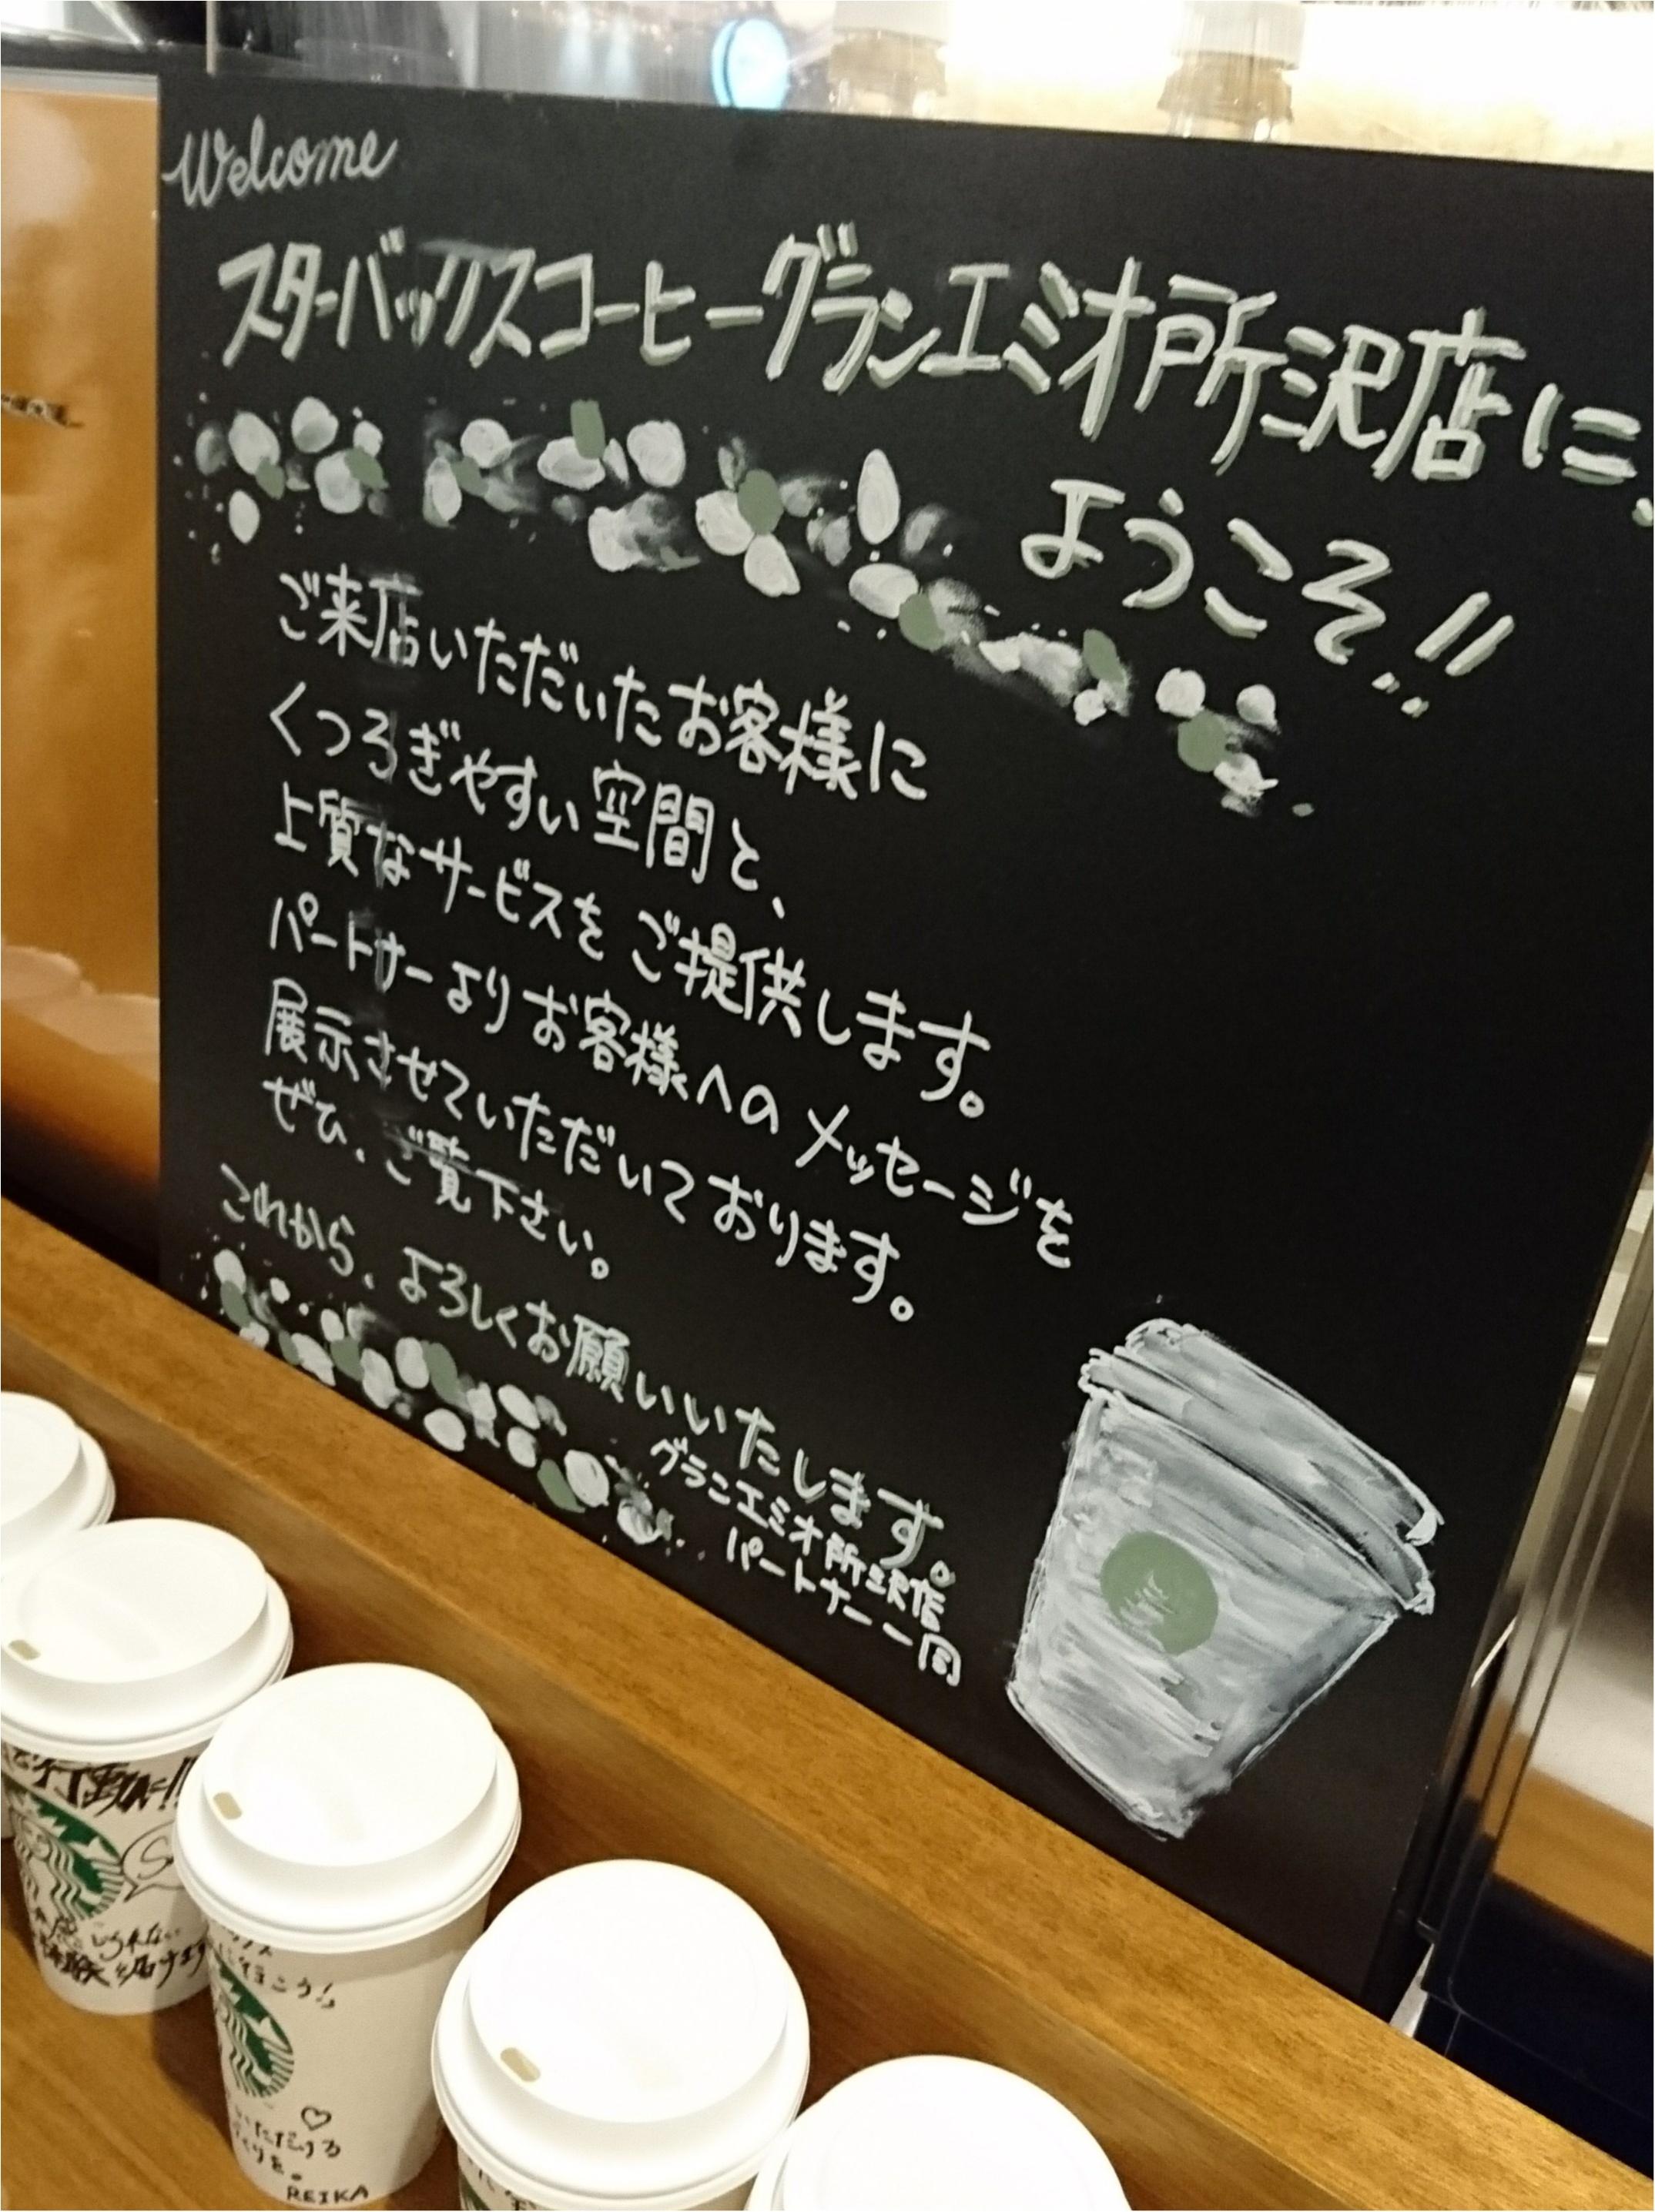 【スタバ】今日からカップがグリーンに.。o○ハミングバードプログラムって知ってますか?(*´-`)_3